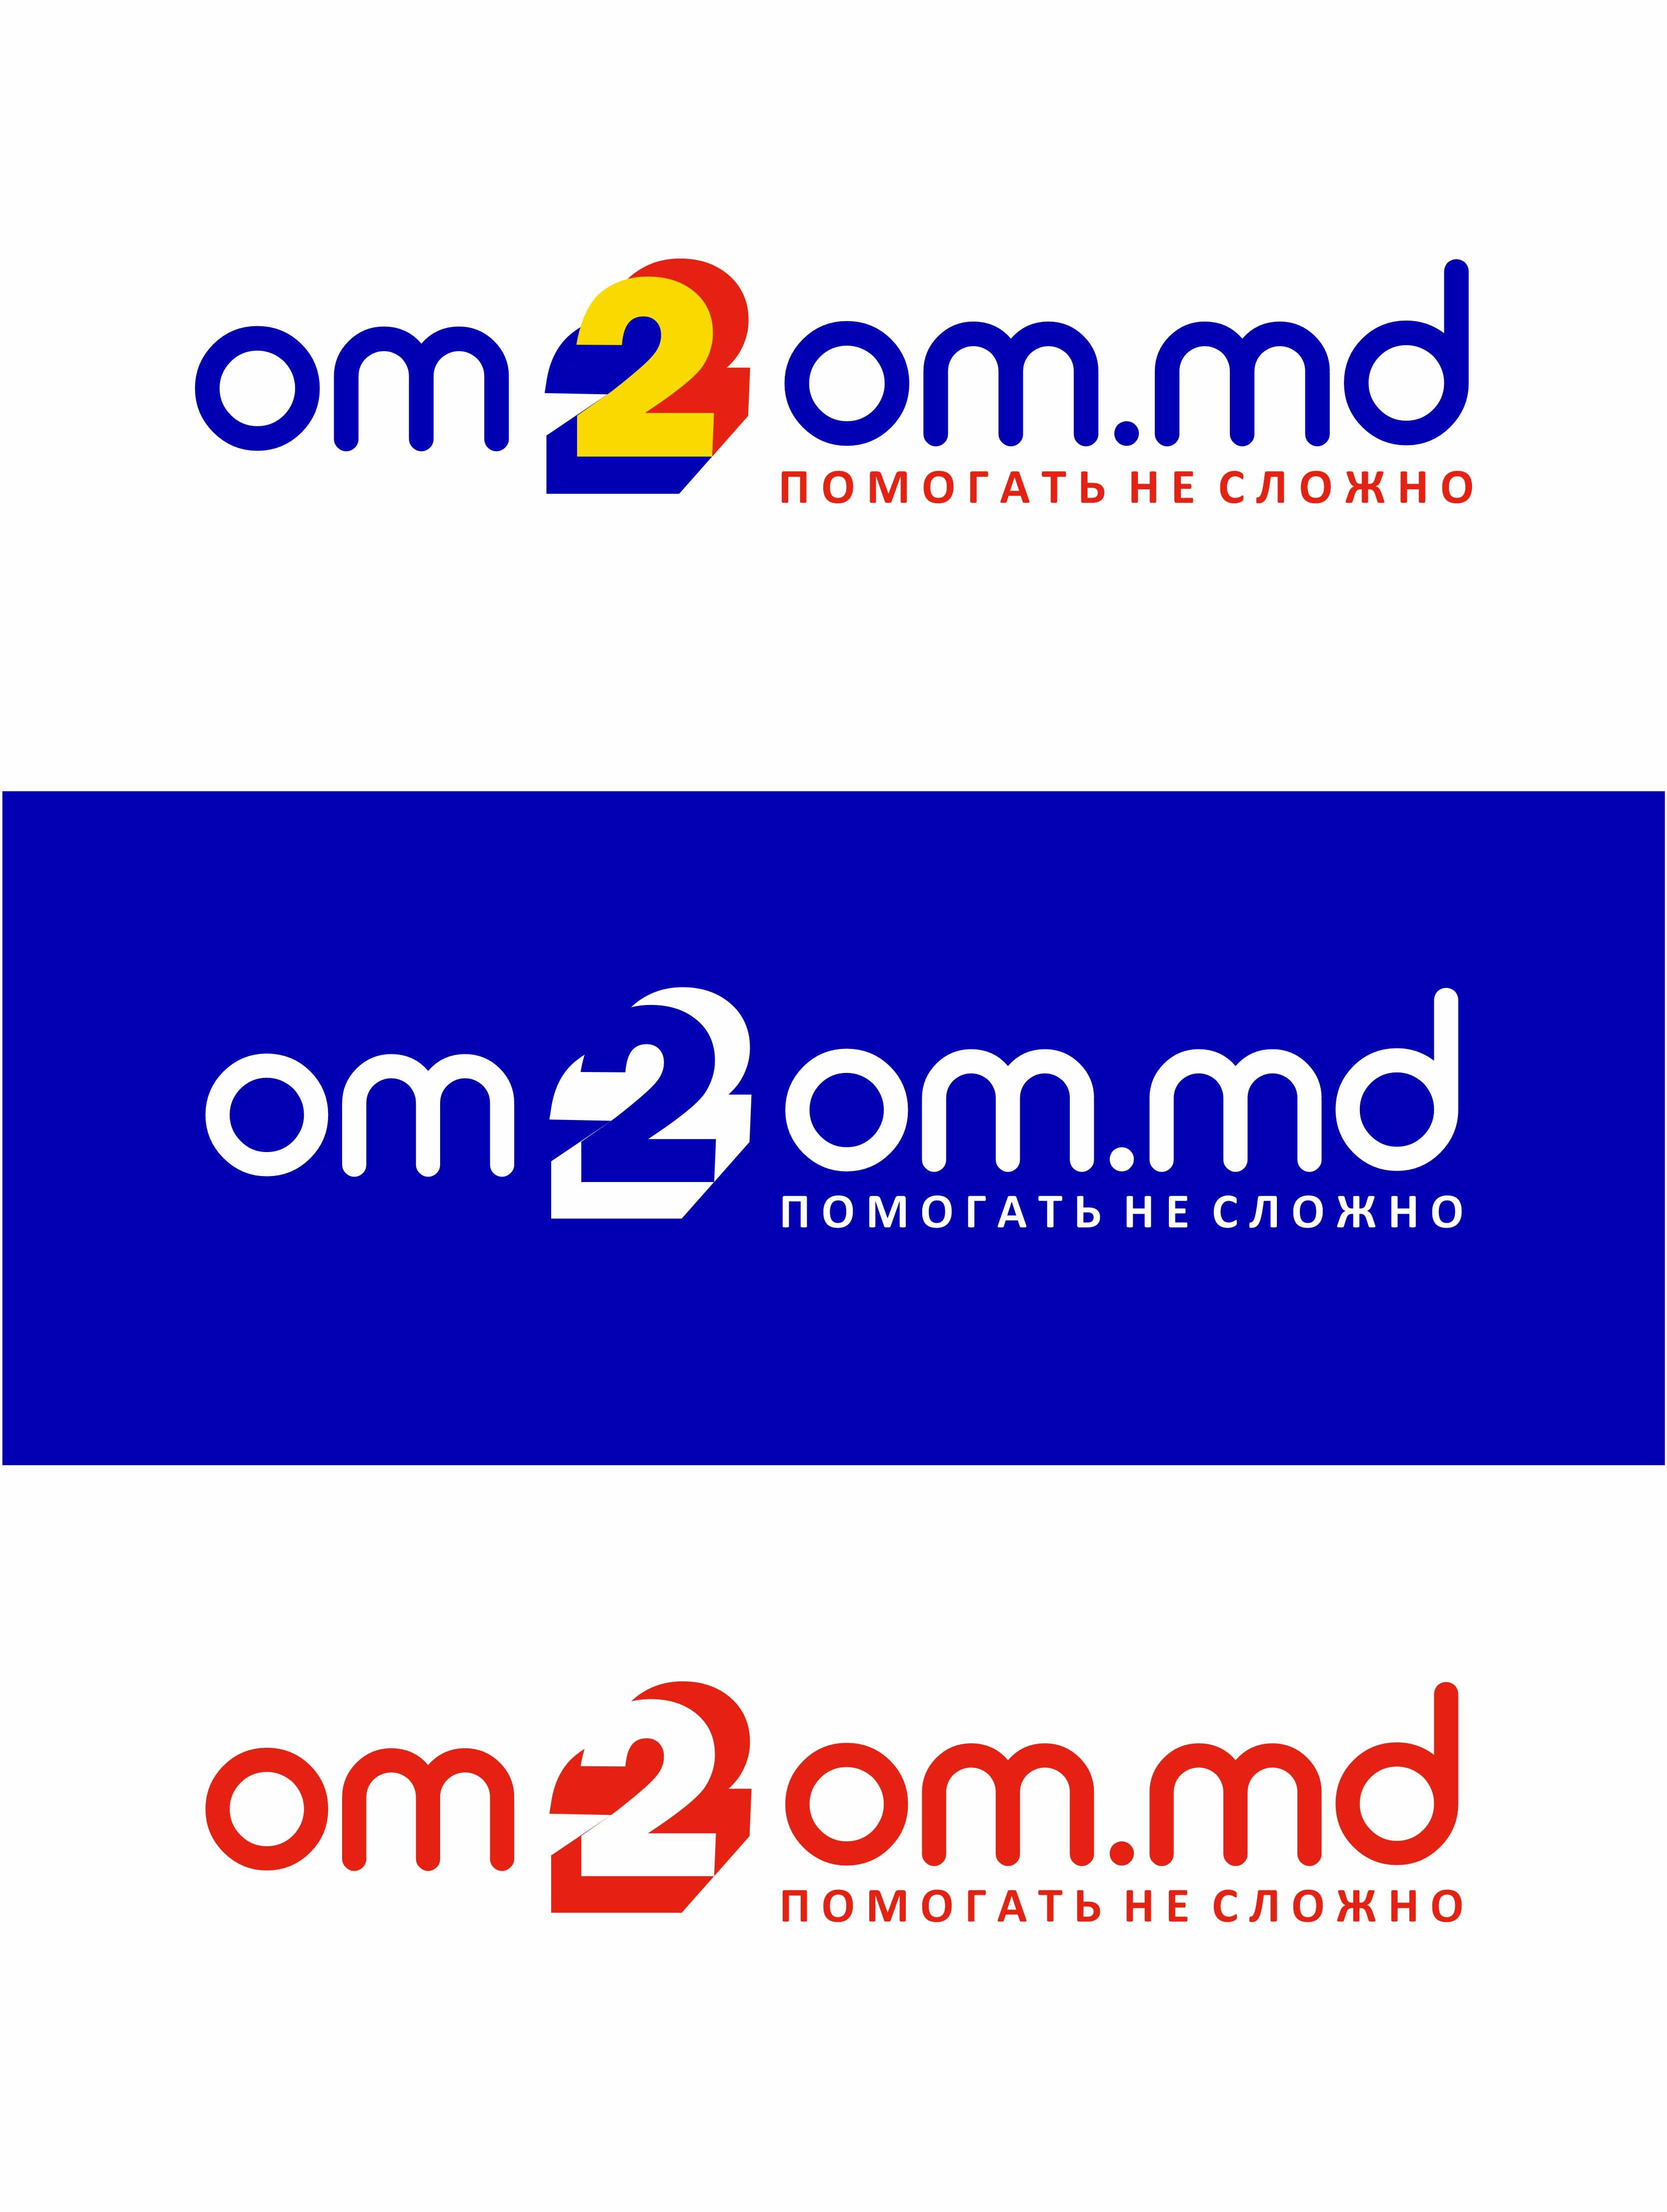 Разработка логотипа для краудфандинговой платформы om2om.md фото f_4045f5ede40c478d.jpg